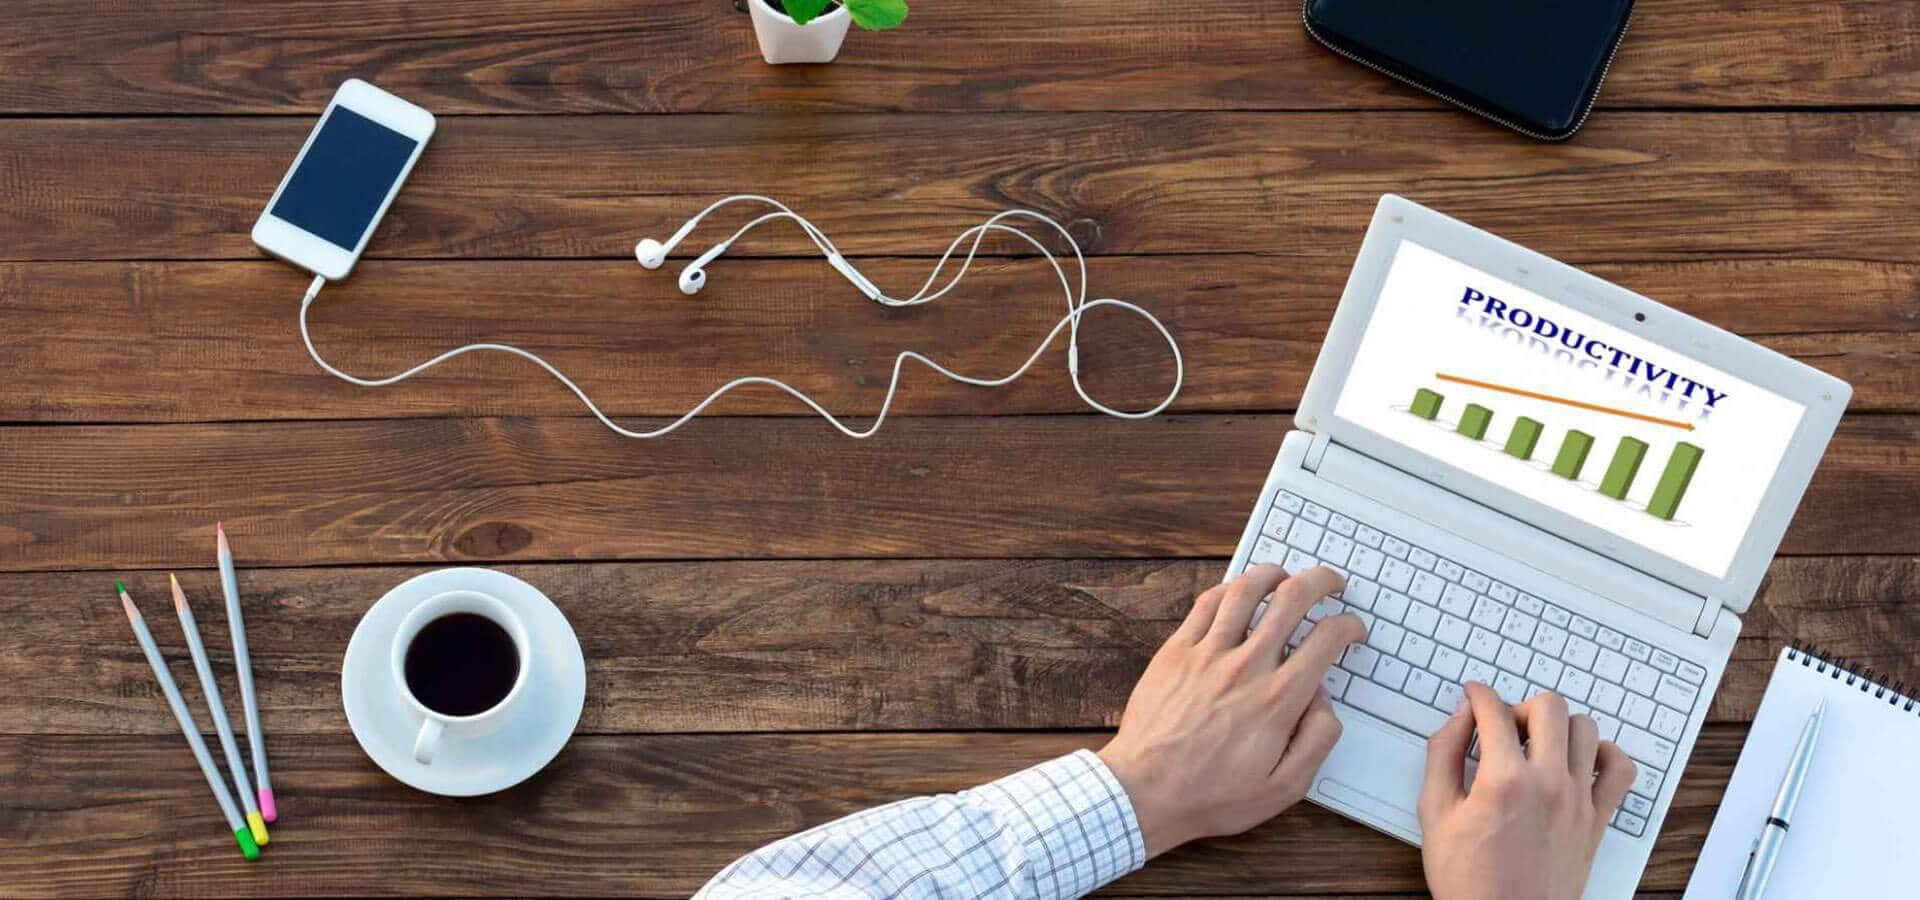 10 راهکار برای افزایش بهره وری کاری